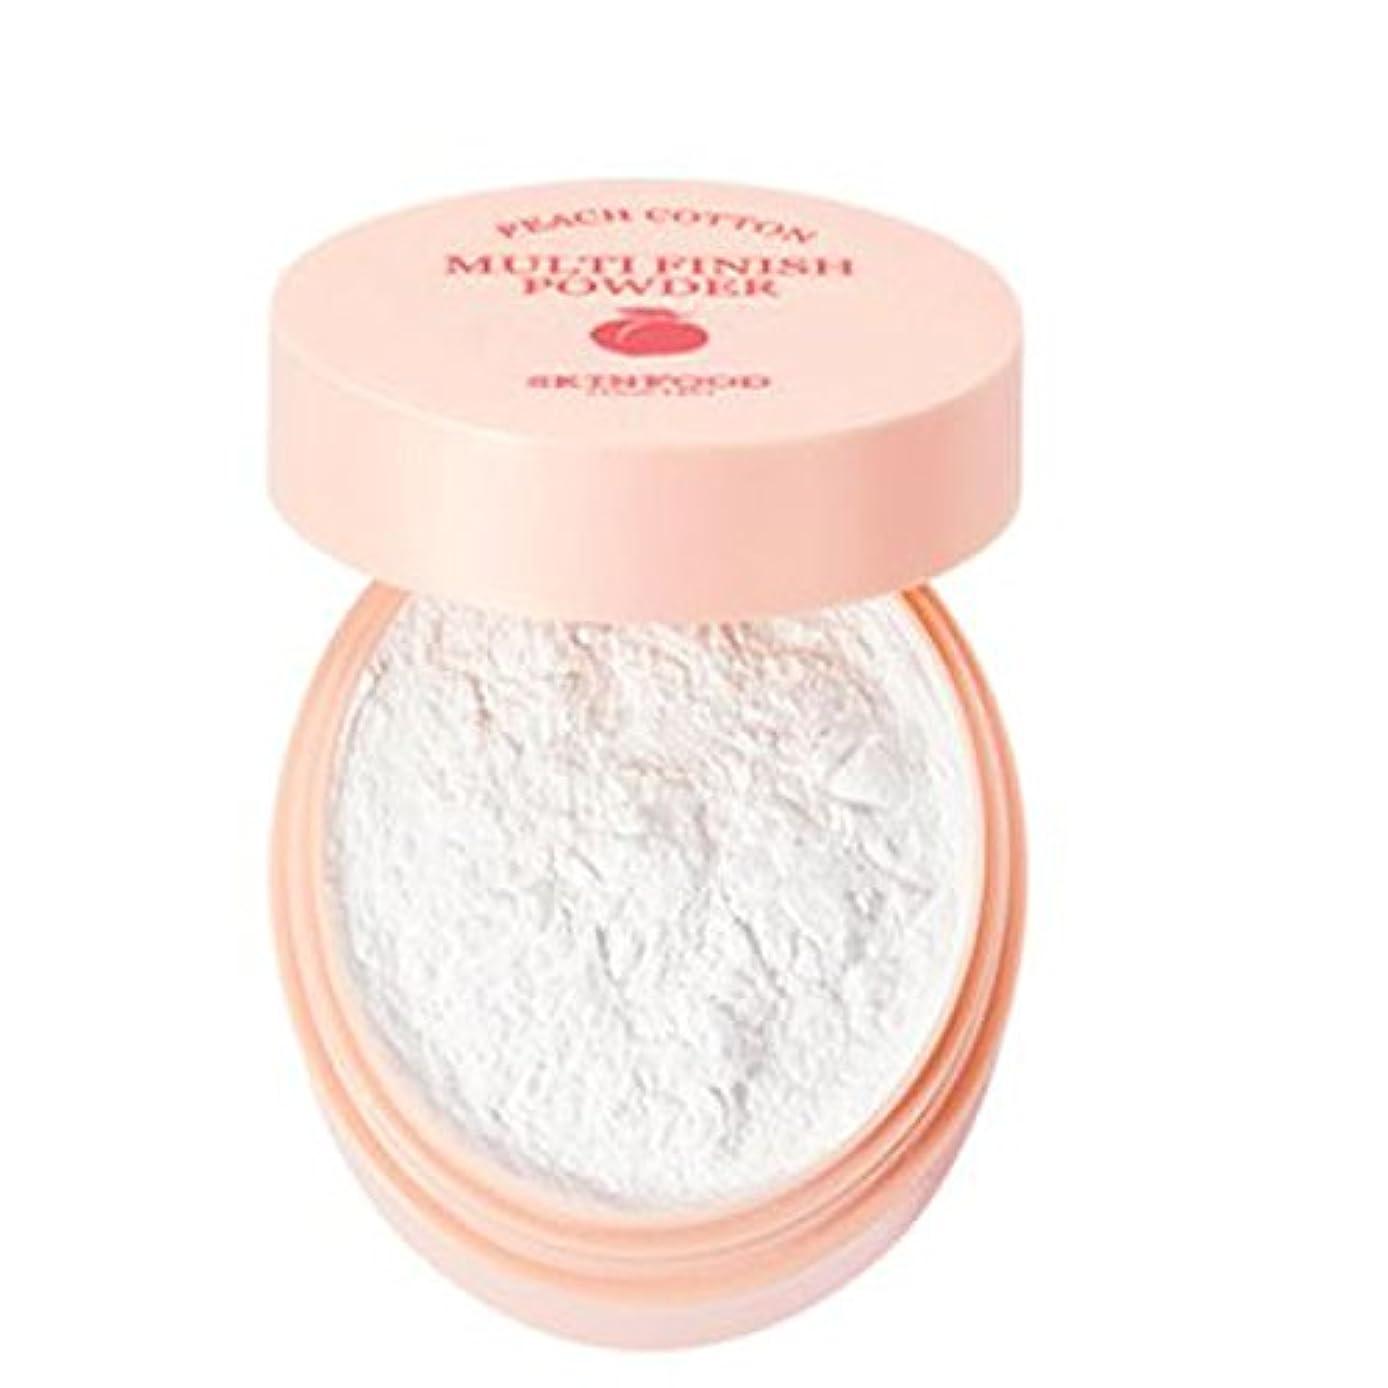 再撮り誘導チロ[SKINFOOD] Peach Cotton Multi Finish Powder ピッチサラッとマルチフィニッシュパウダー - 5g